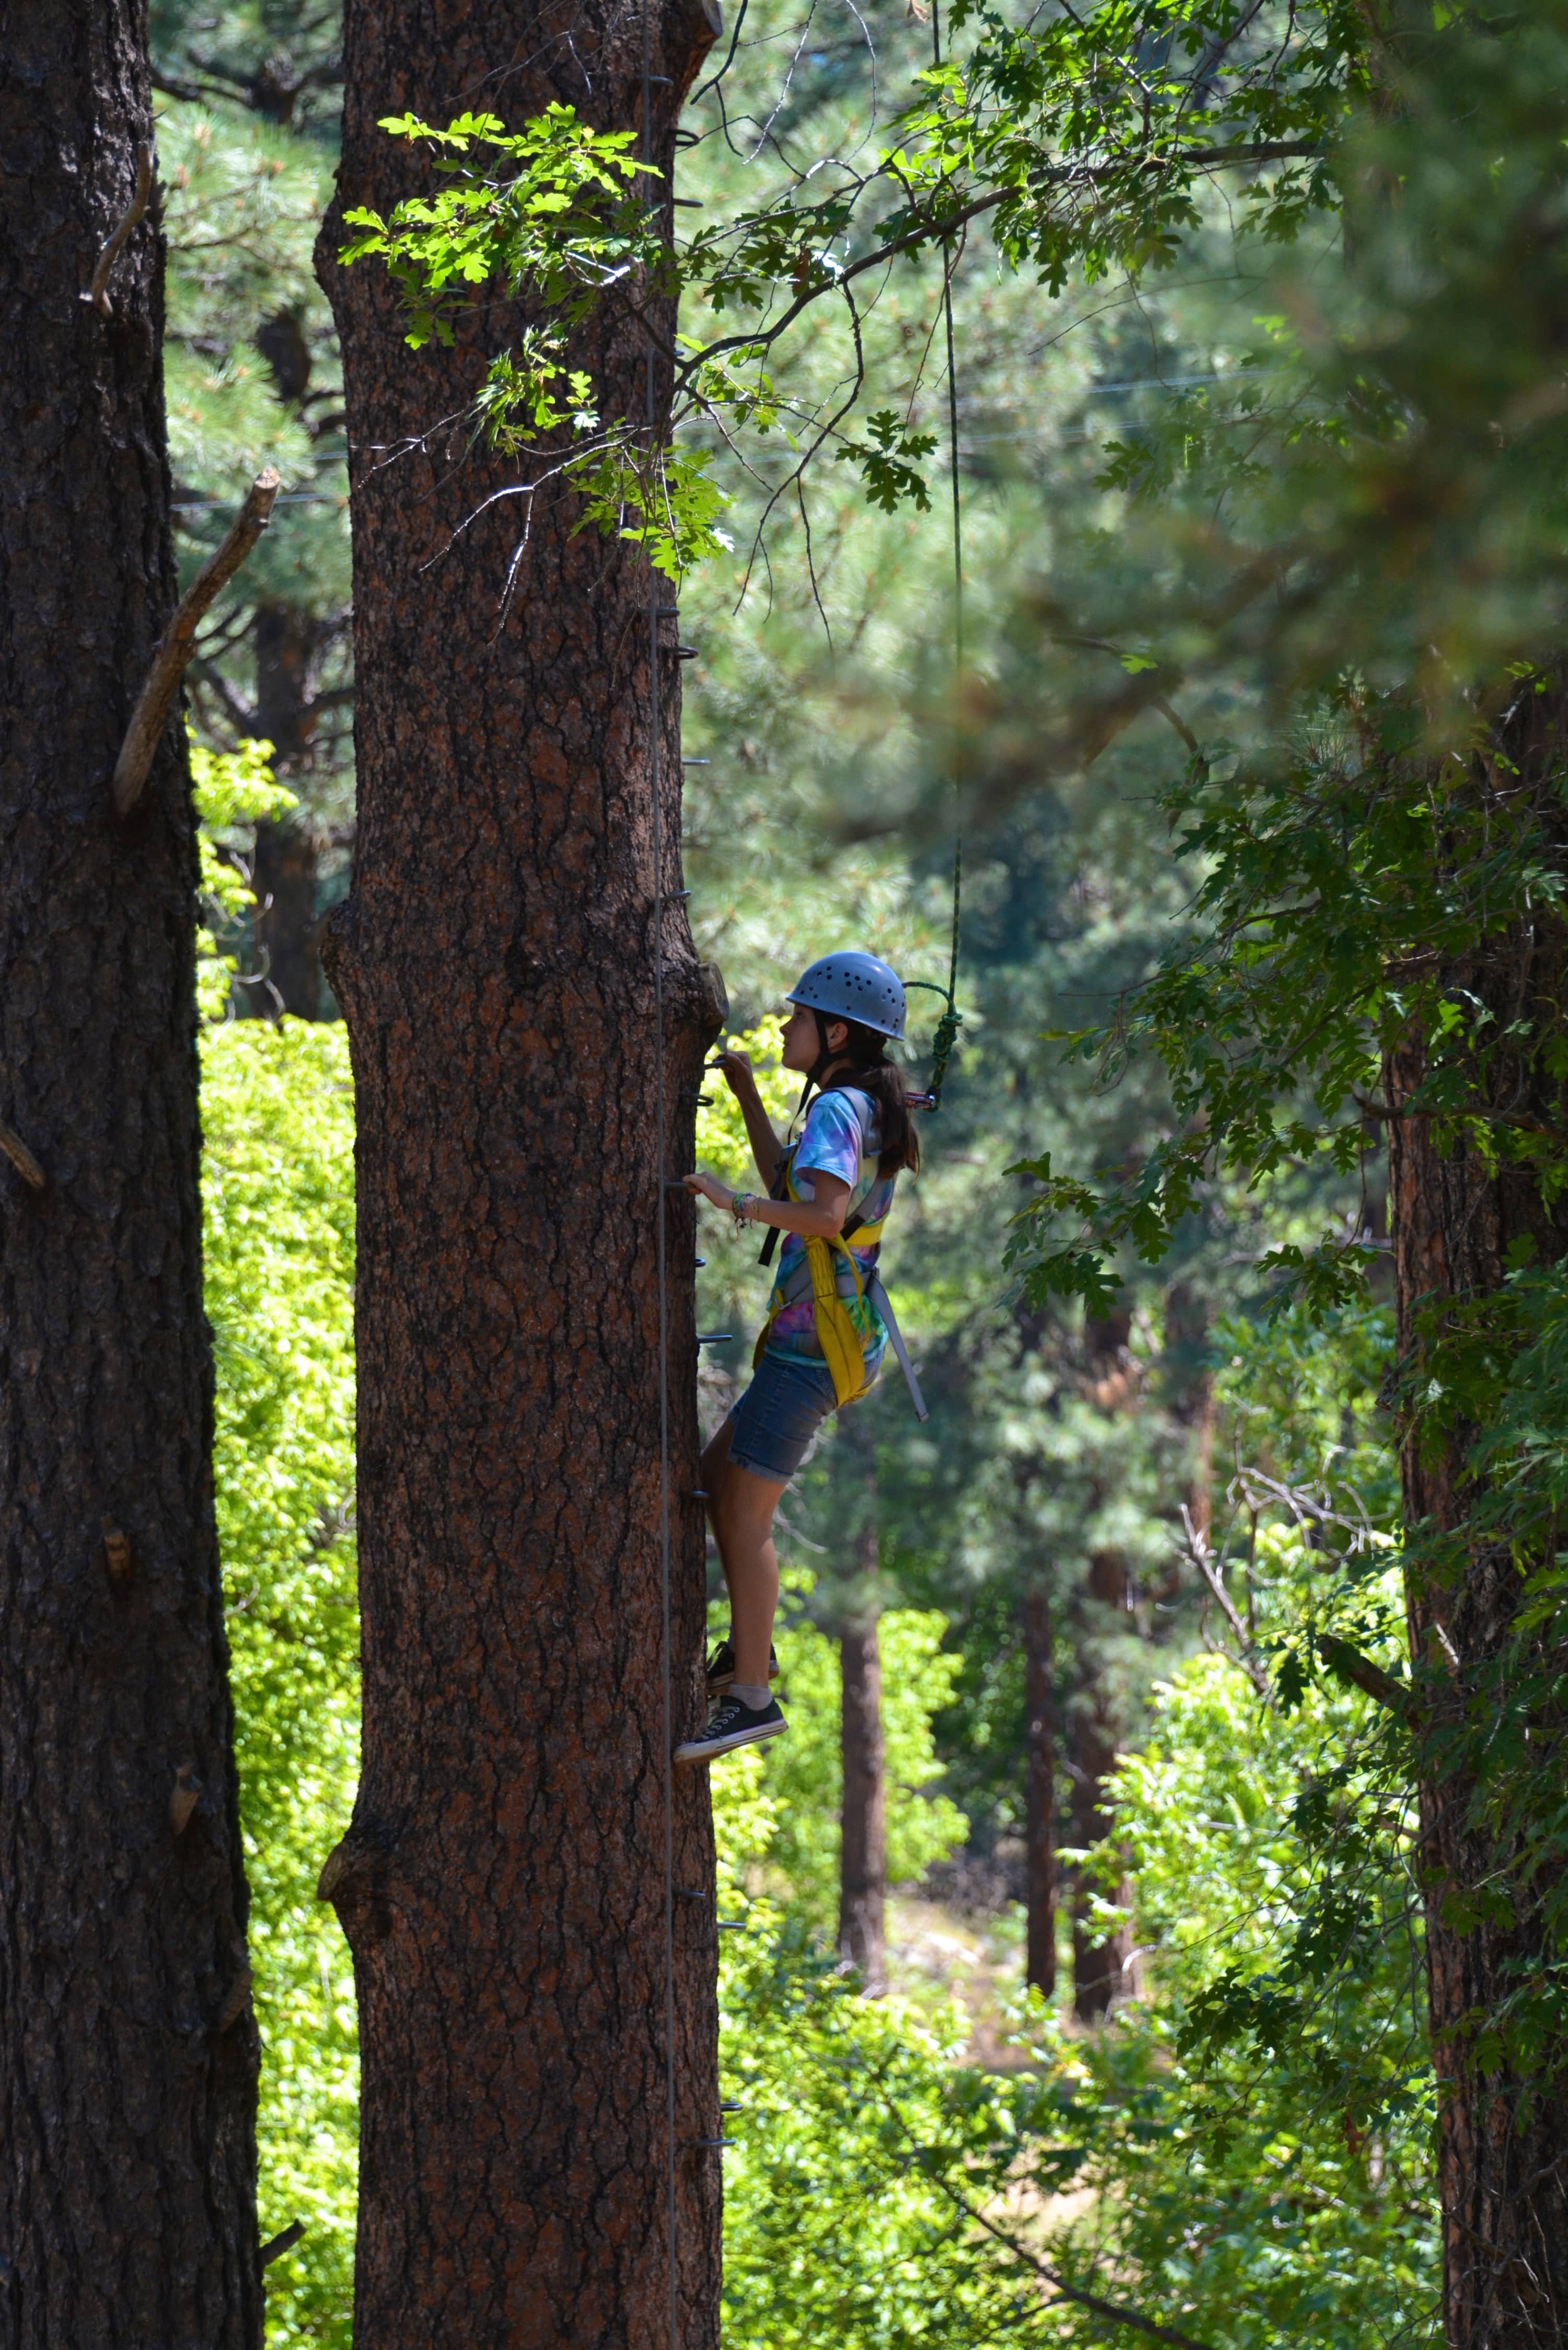 Person climbing a tree